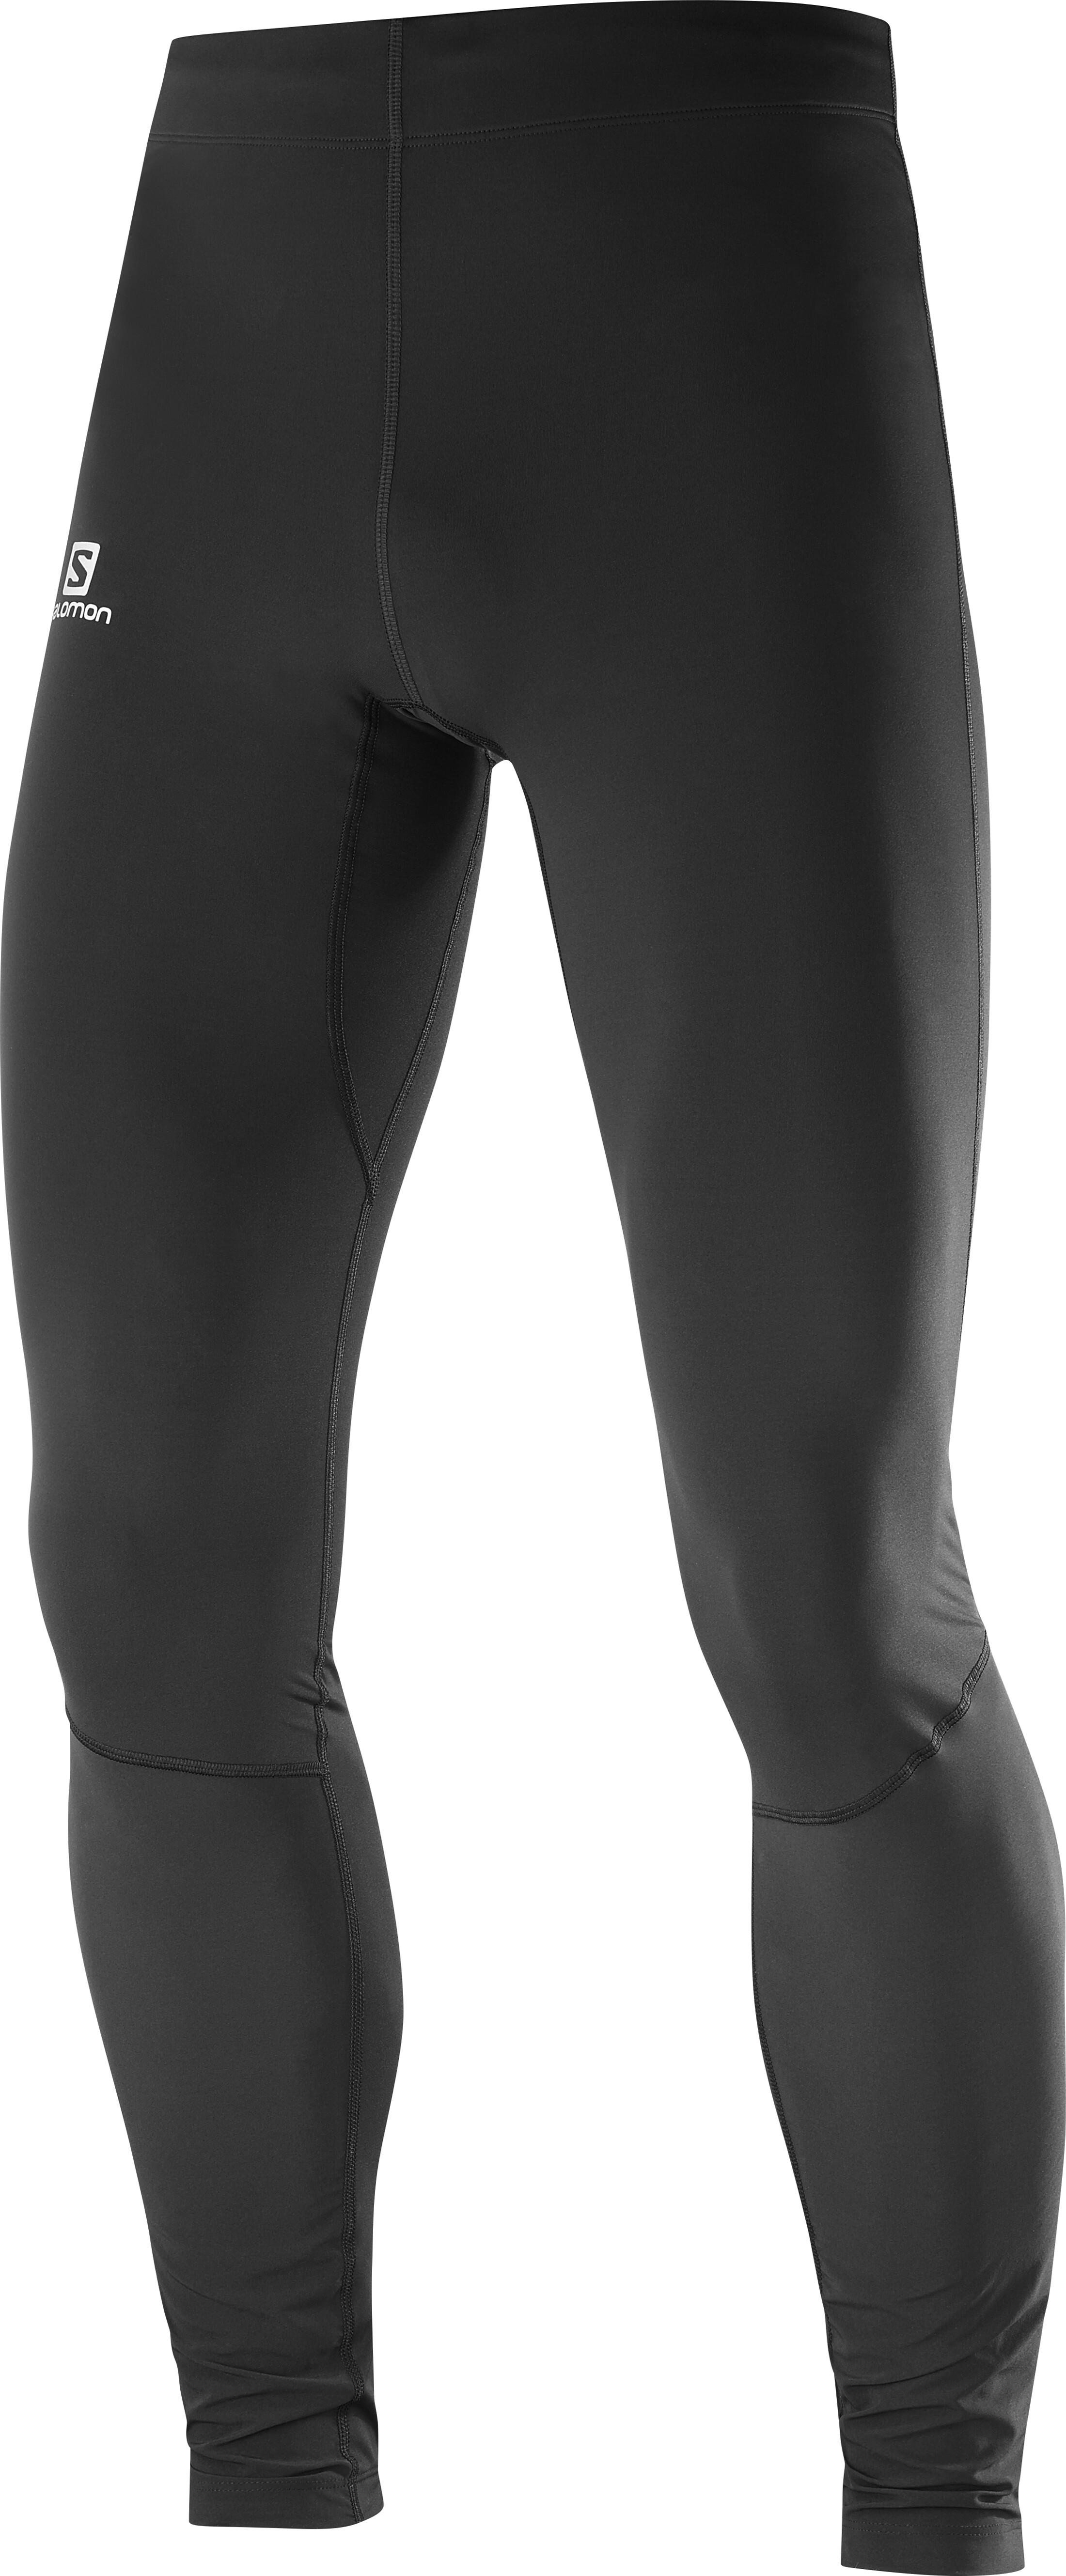 2c8a5ac335a Salomon Agile Warm Pantalon running Homme, black sur CAMPZ !